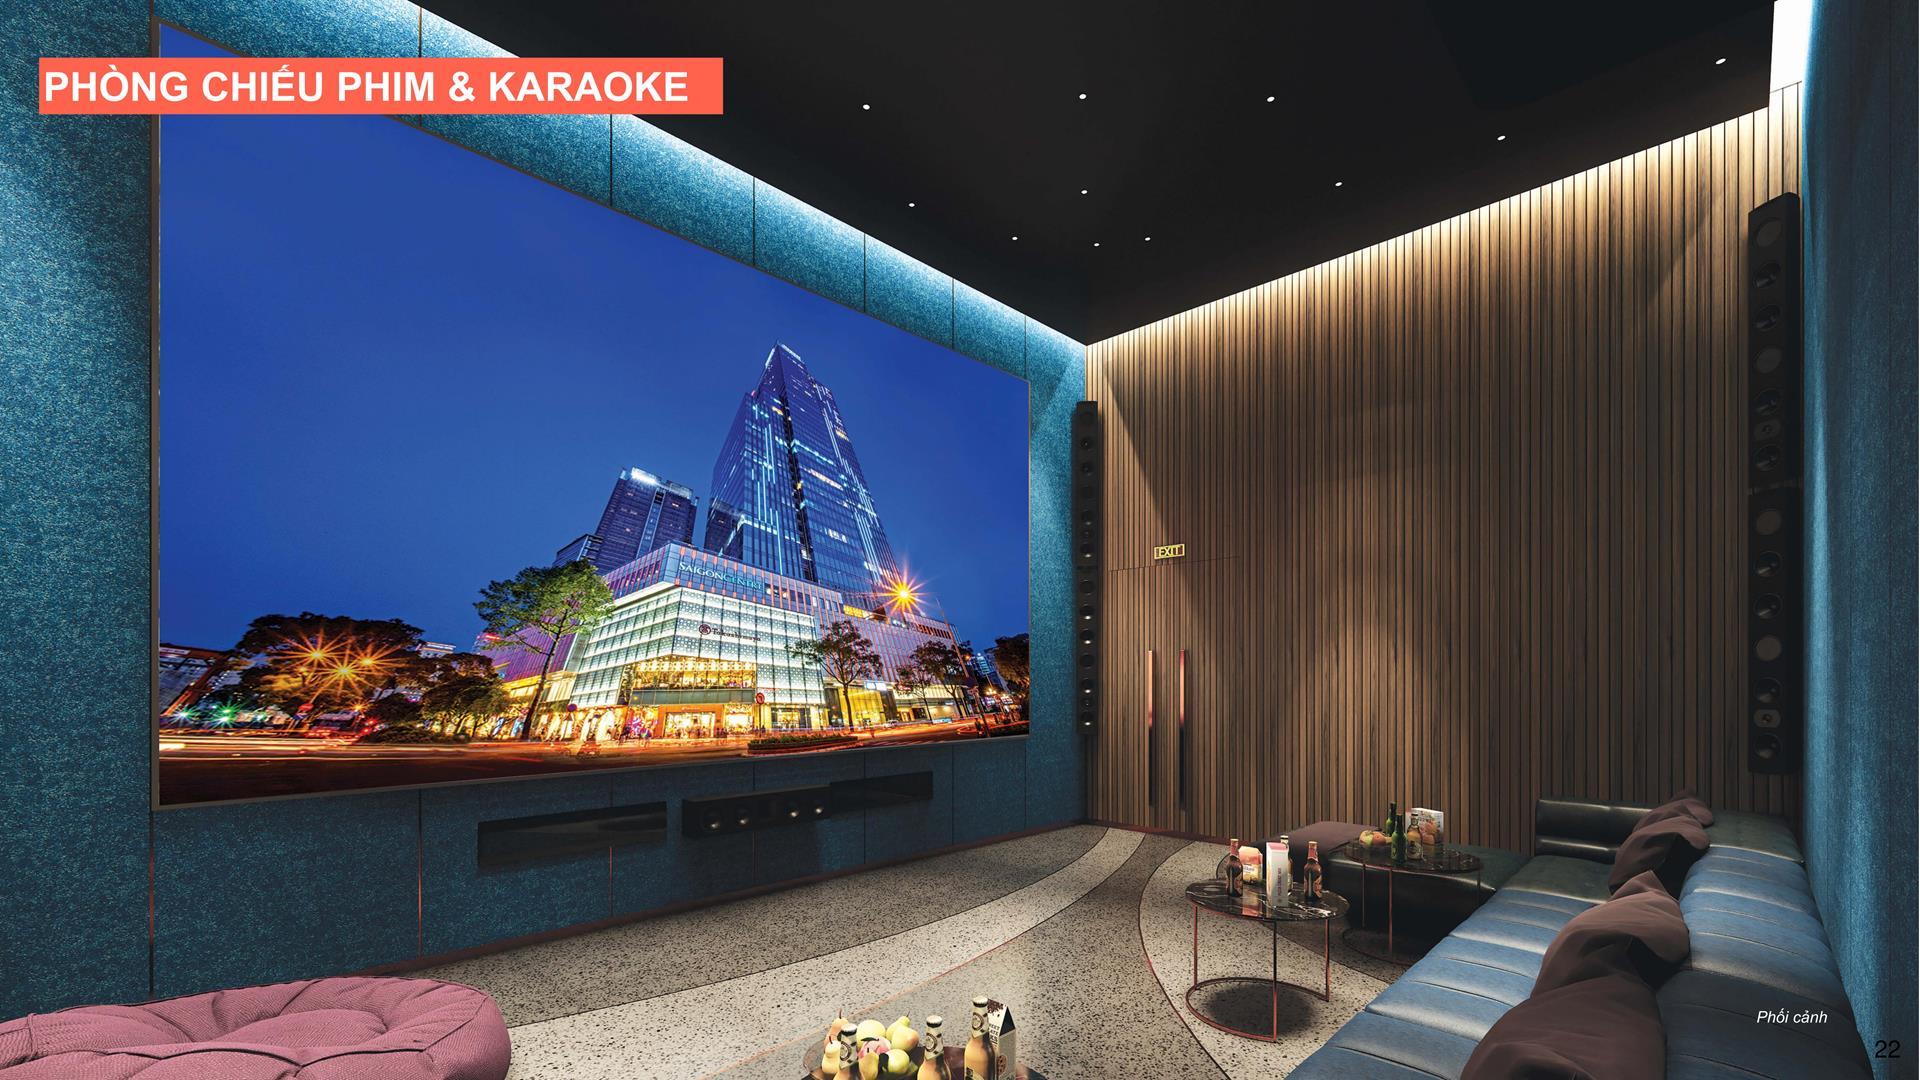 Phòng chiếu phim và karaoke căn hộ Celesta Rise